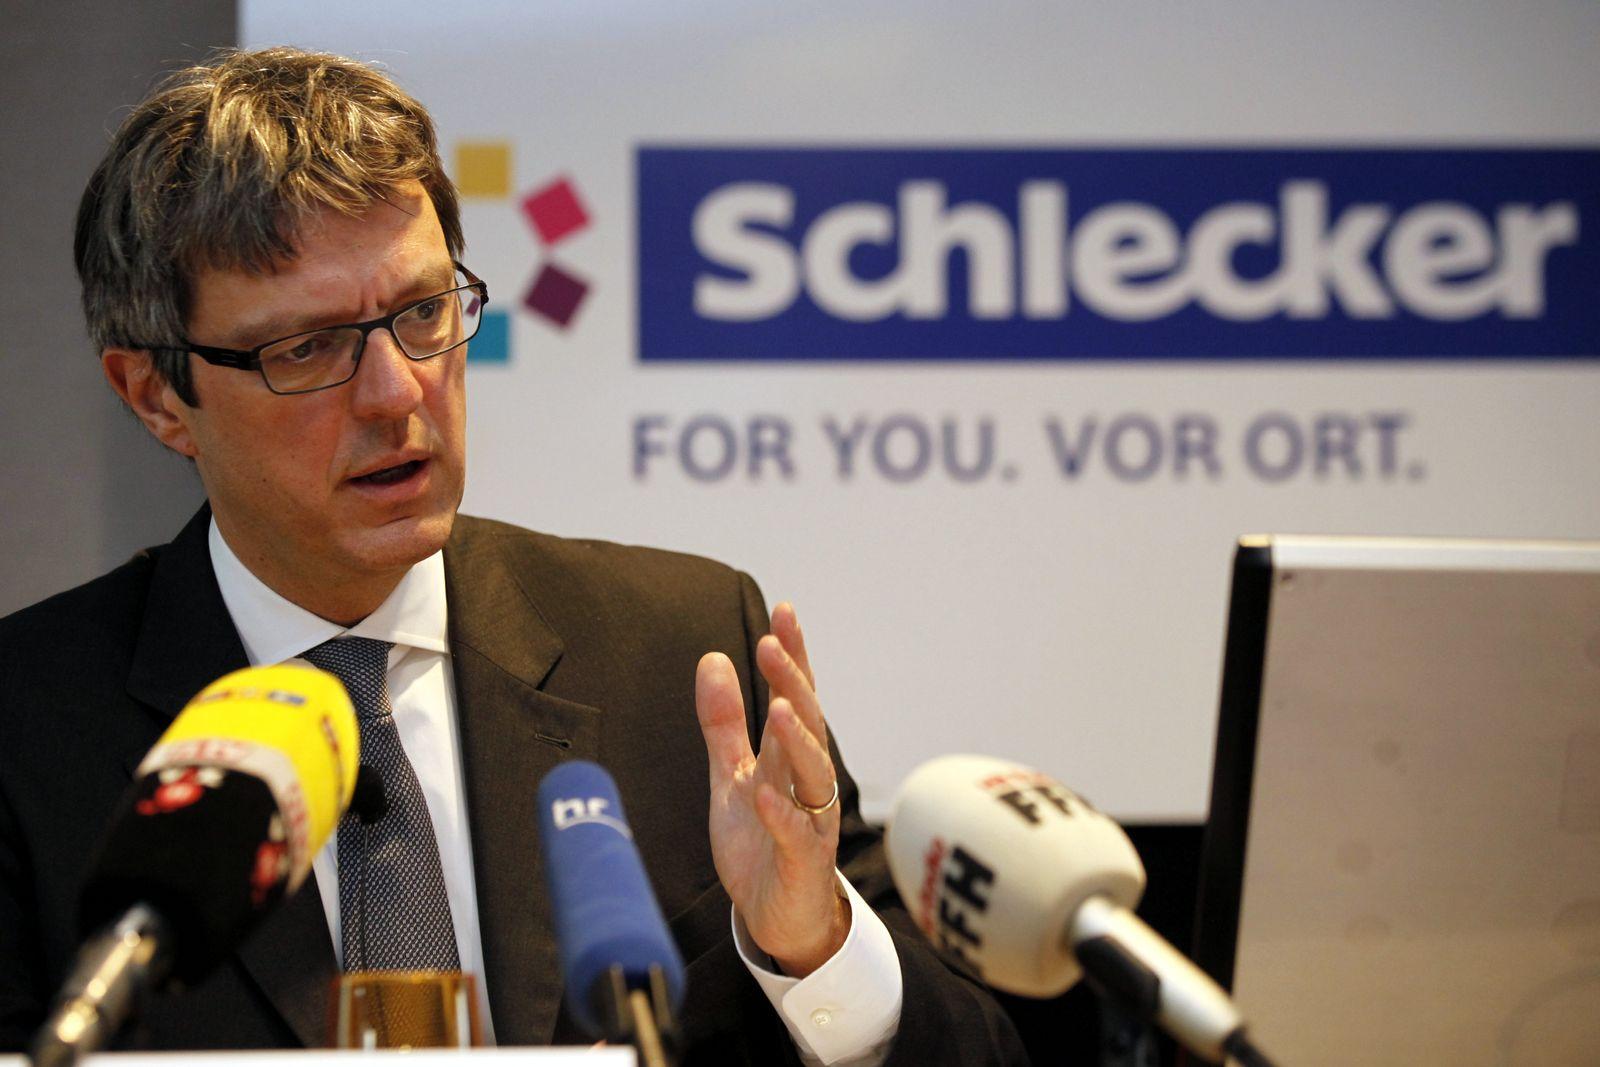 NICHT VERWENDEN Schlecker / Insolvenzverwalter Geiwitz